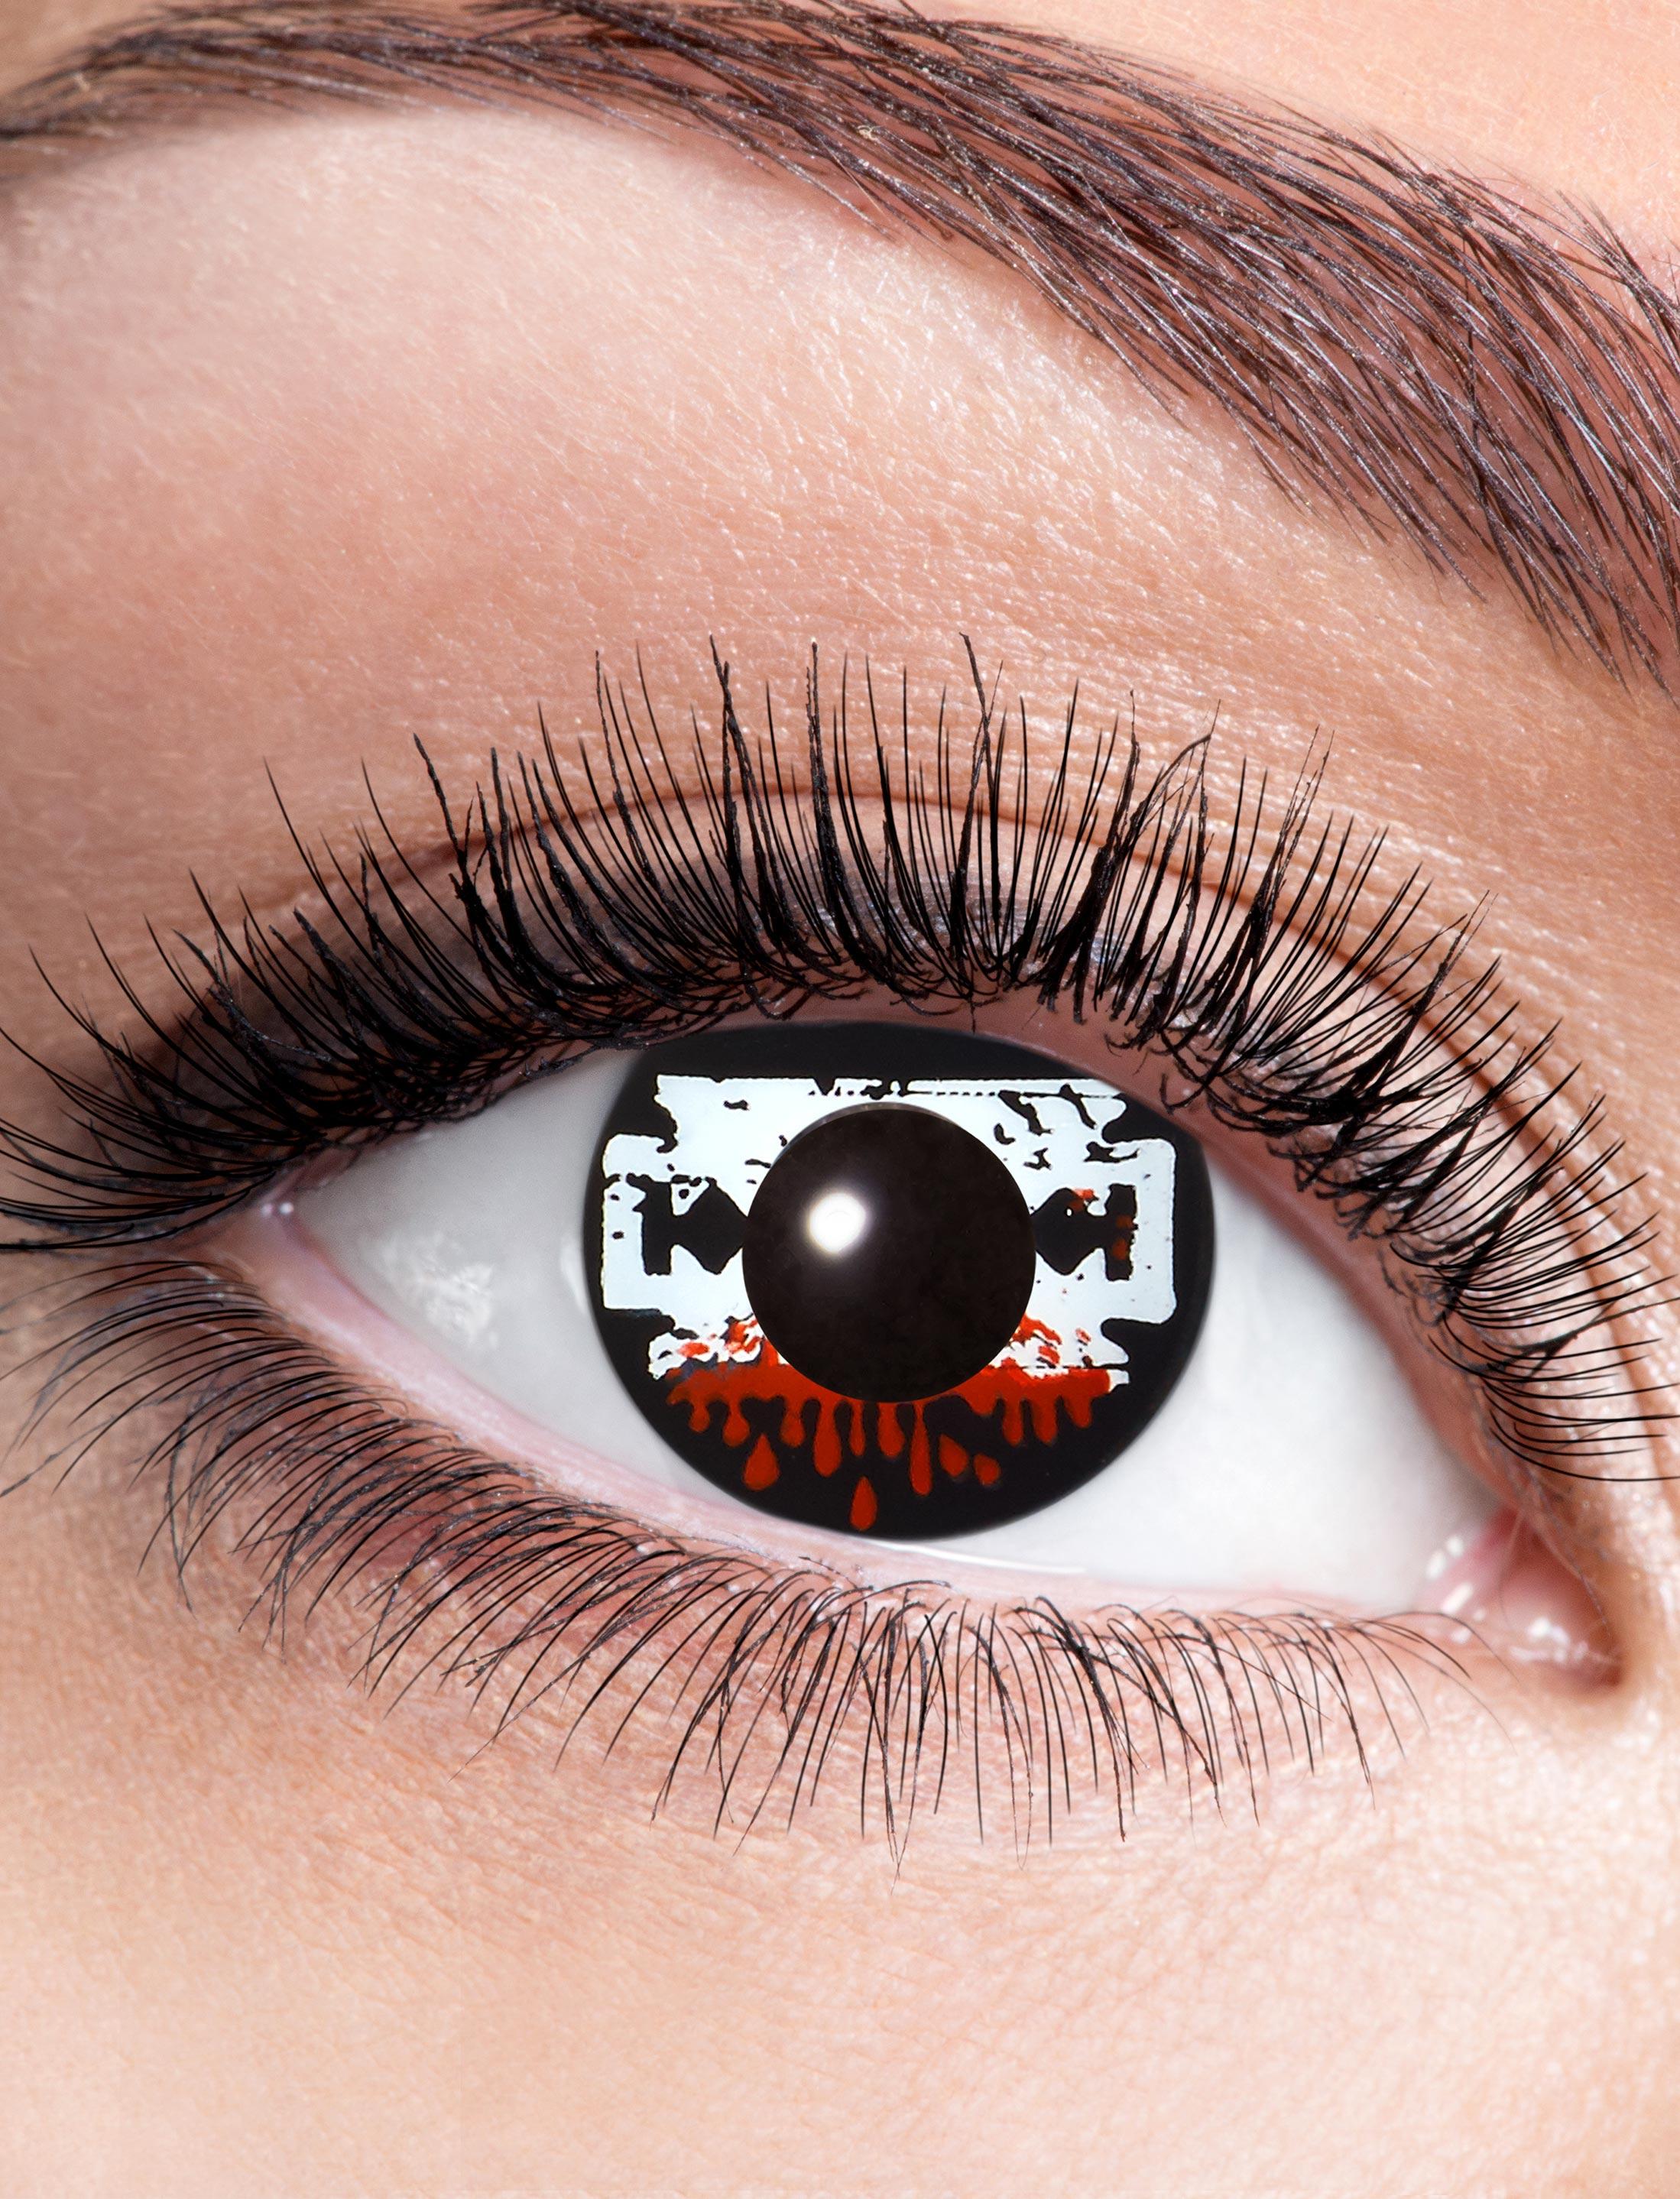 Kostuemzubehor Kontaktlinsen Saw Farbe: schwarz